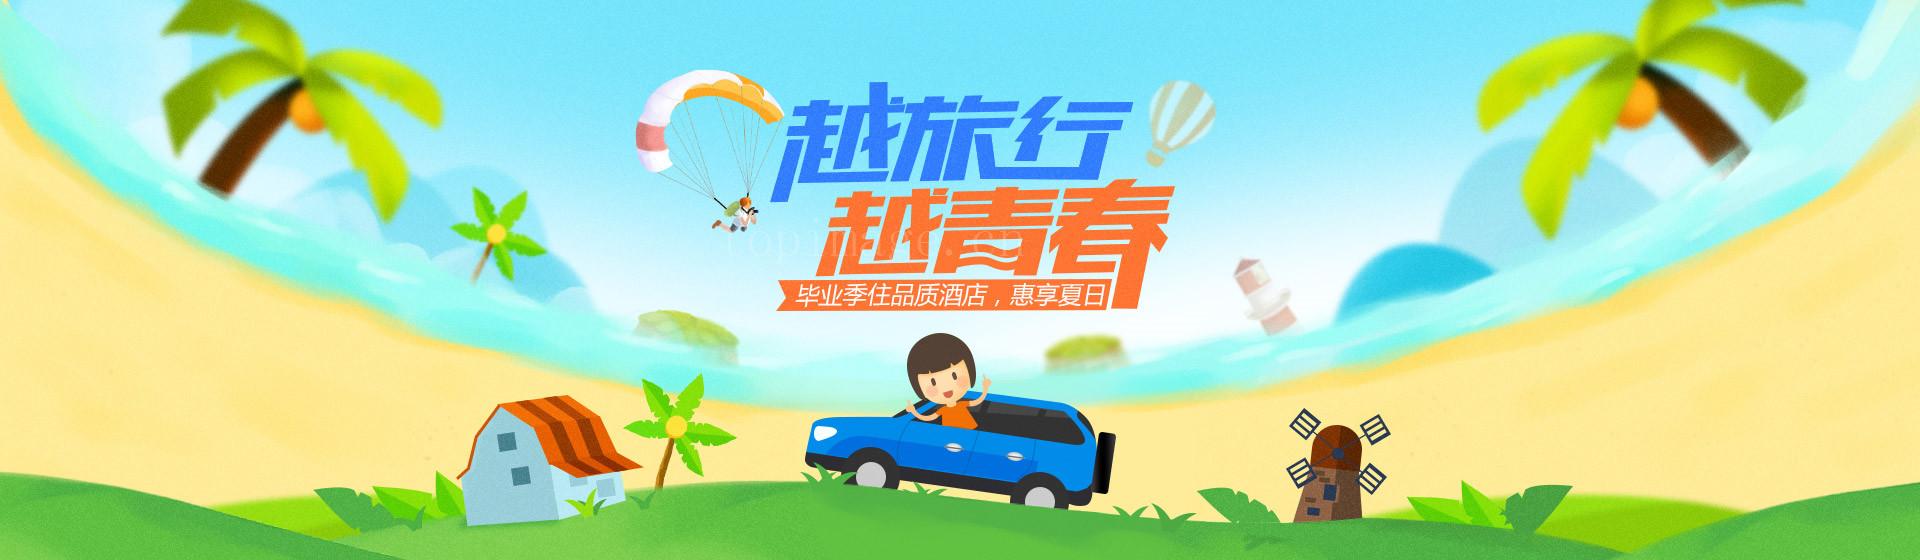 夏季旅行海报毕业季banner源文件下载